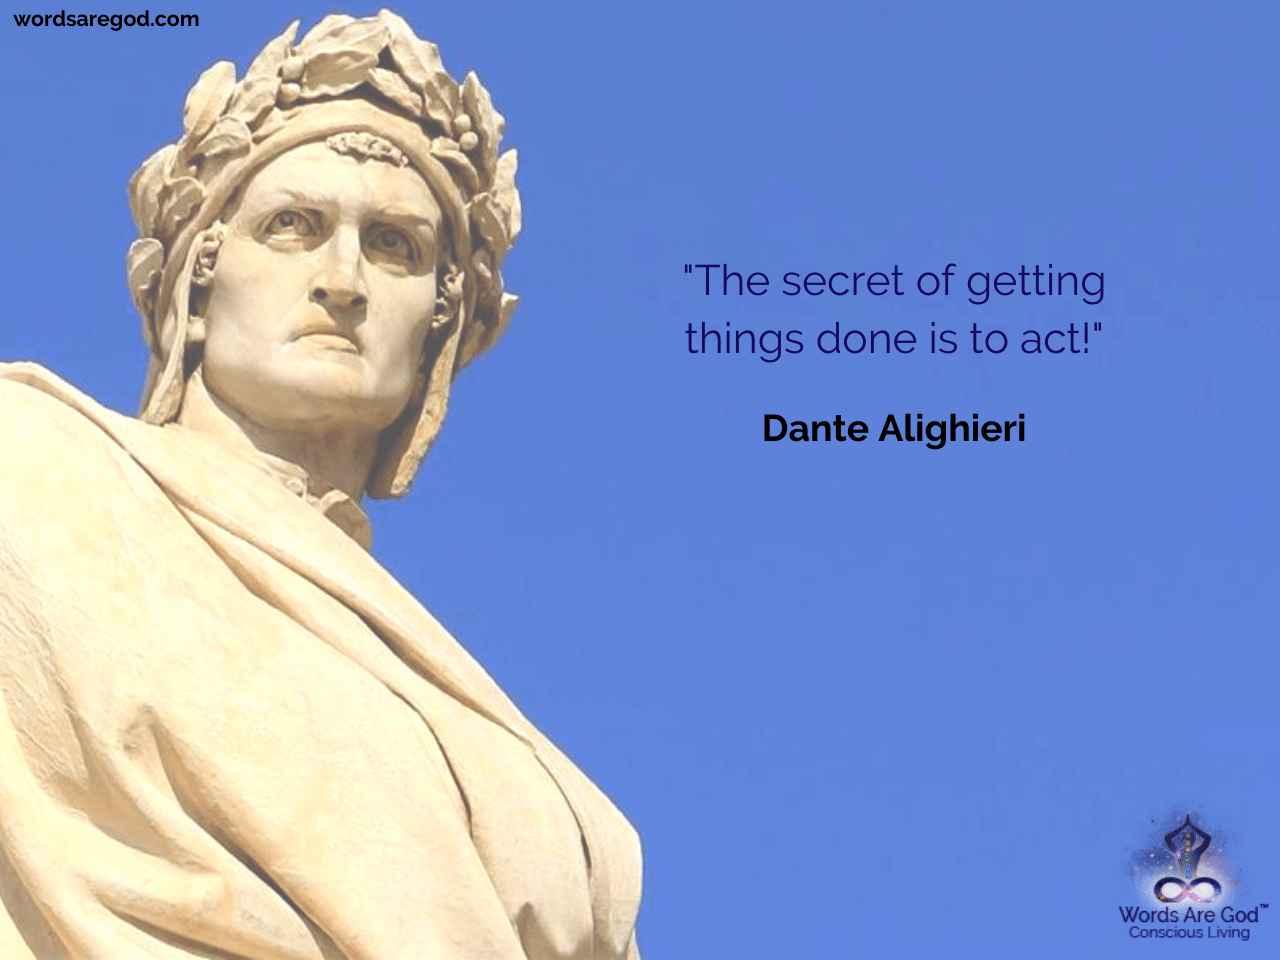 Dante Alighieri Best Quote